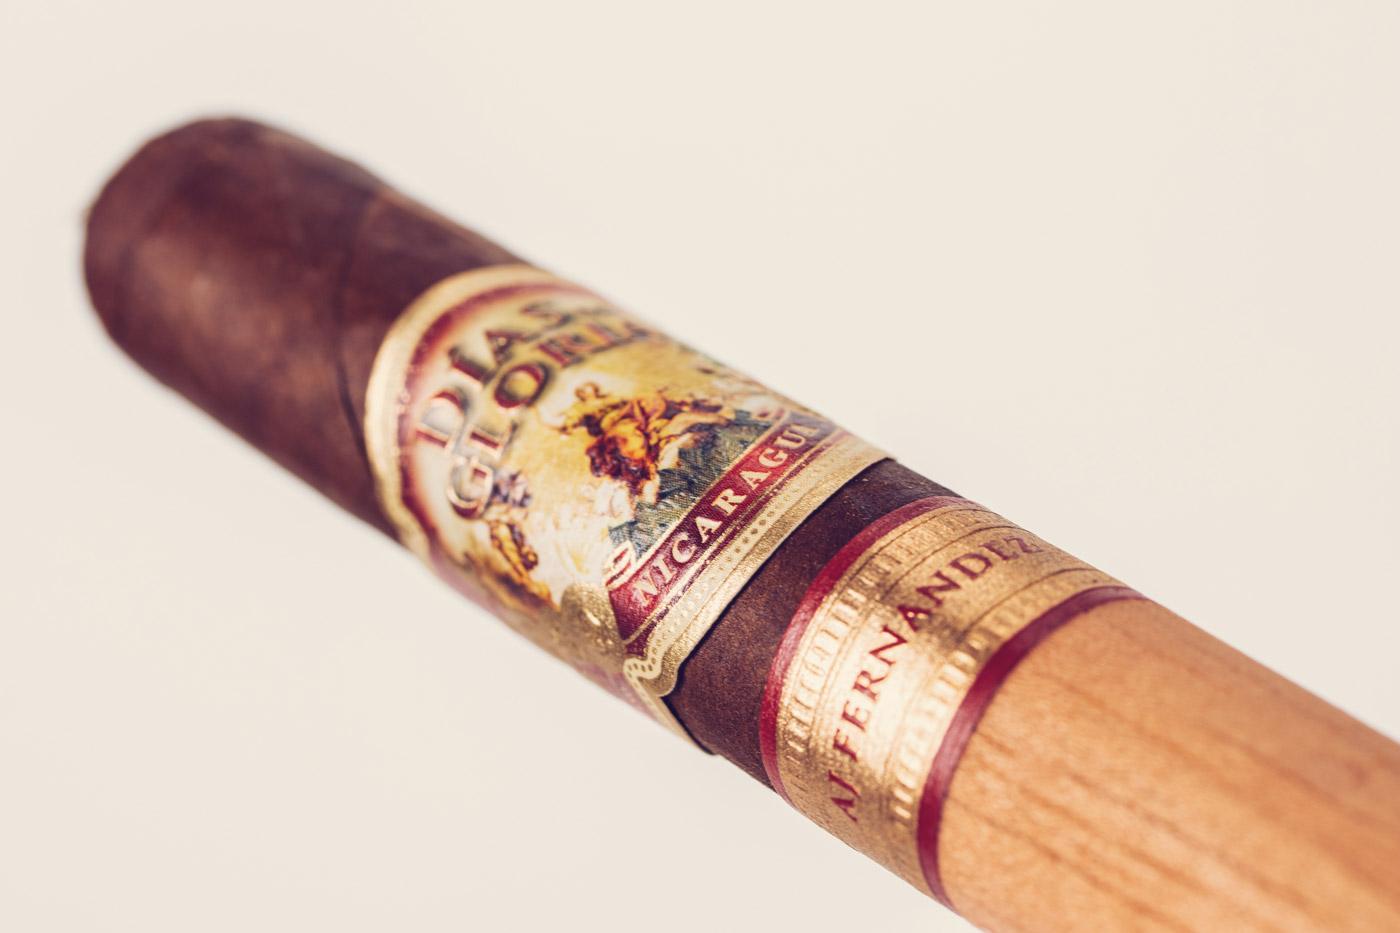 AJF Días de Gloria Short Churchill cigar review